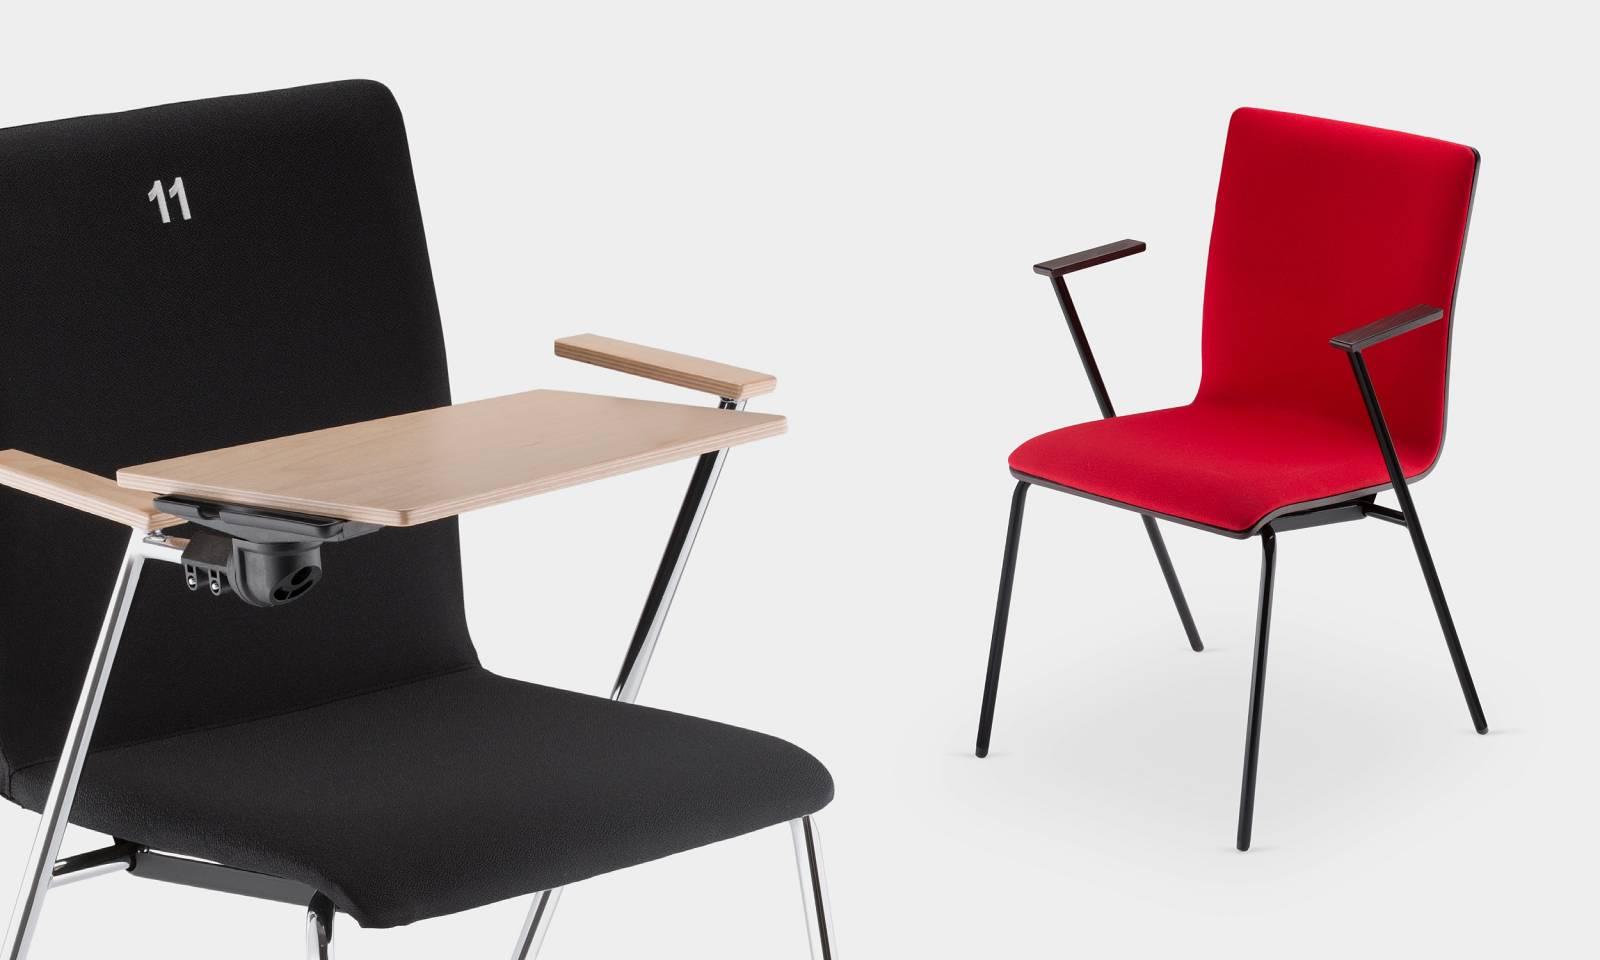 Chaise FEN pour salle de formation avec tablette écritoire sur Les Pennes Mirabeau